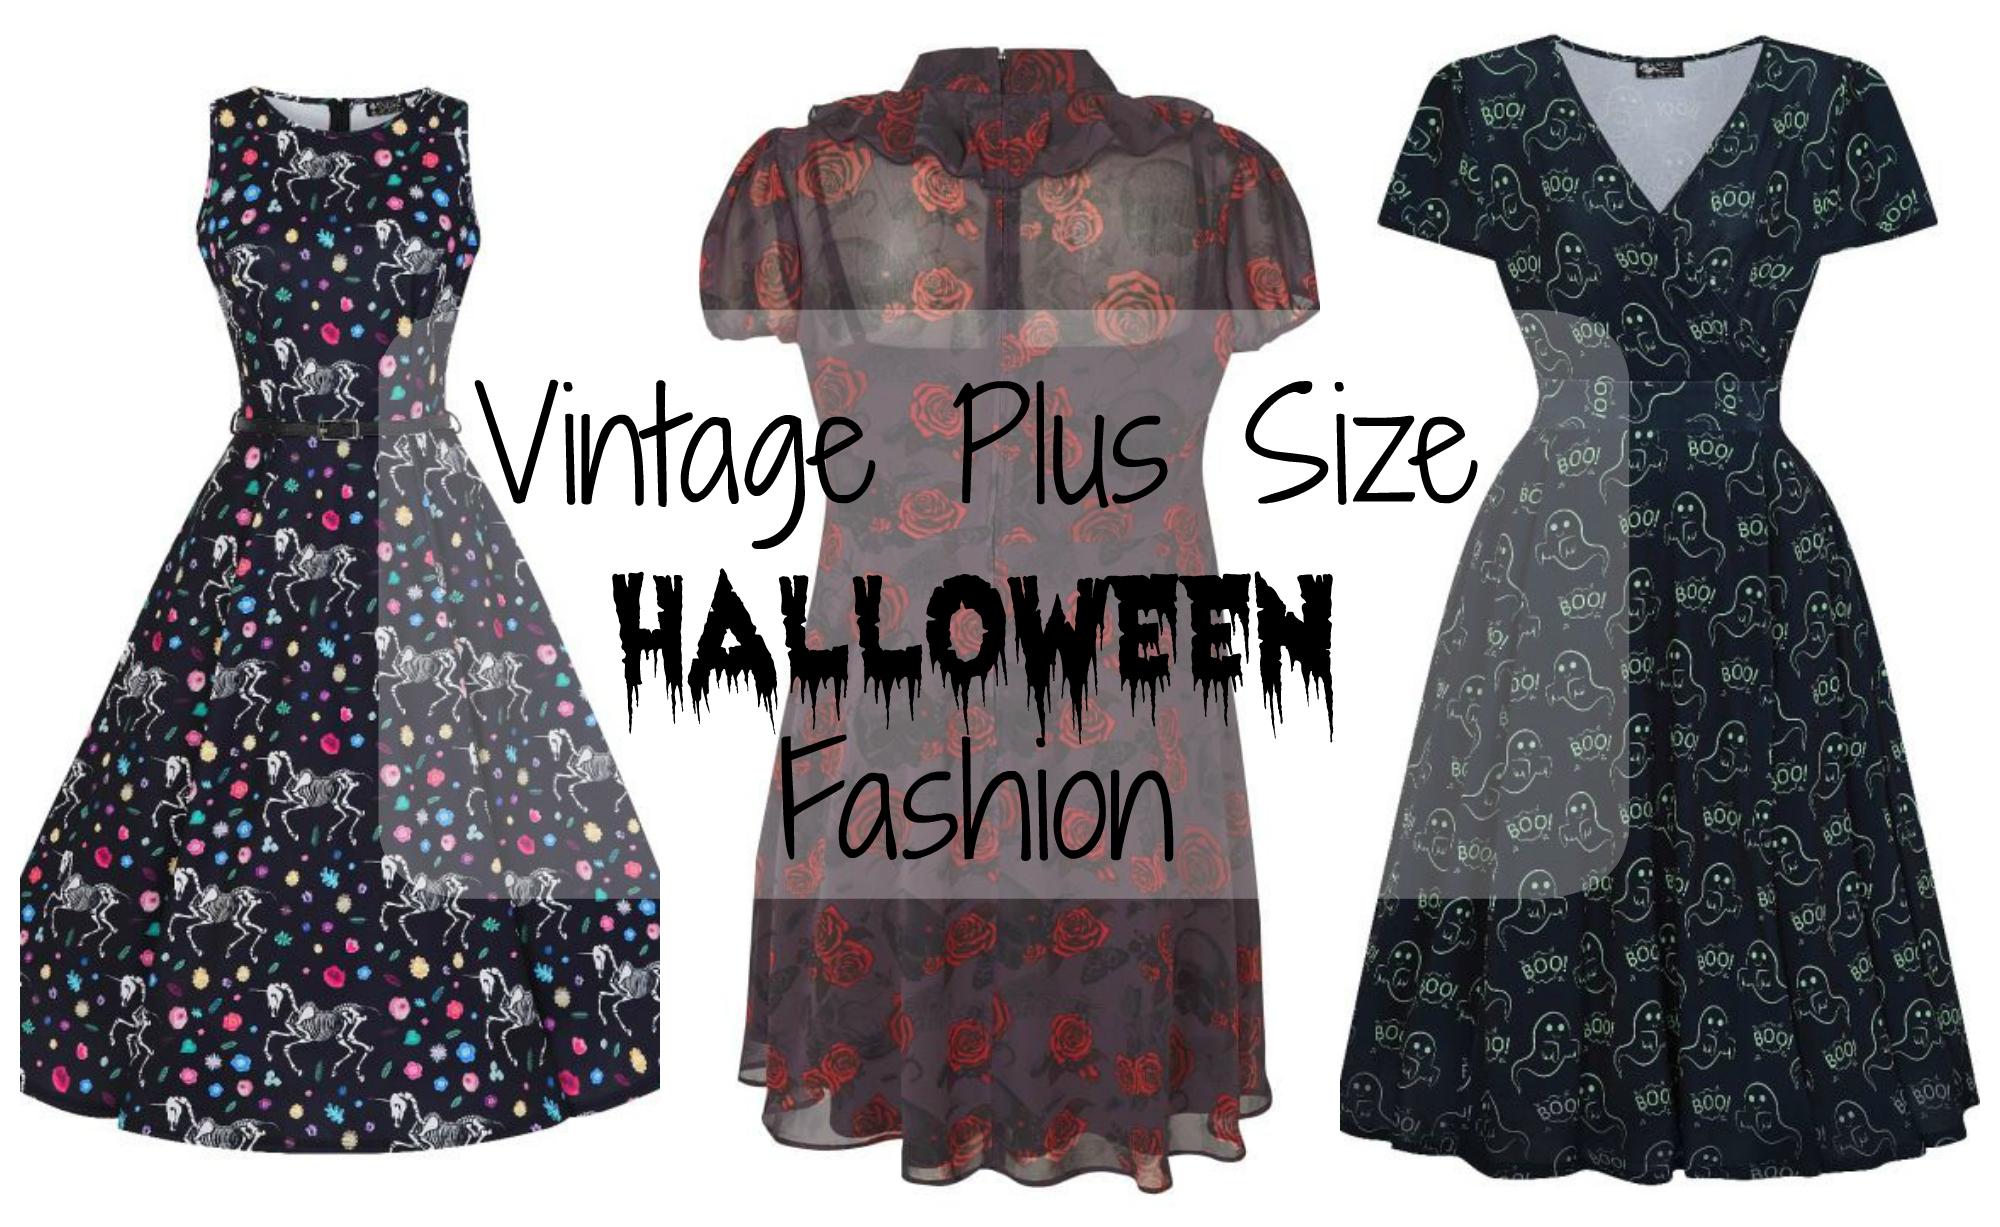 Vintage Plus Size Halloween Fashion